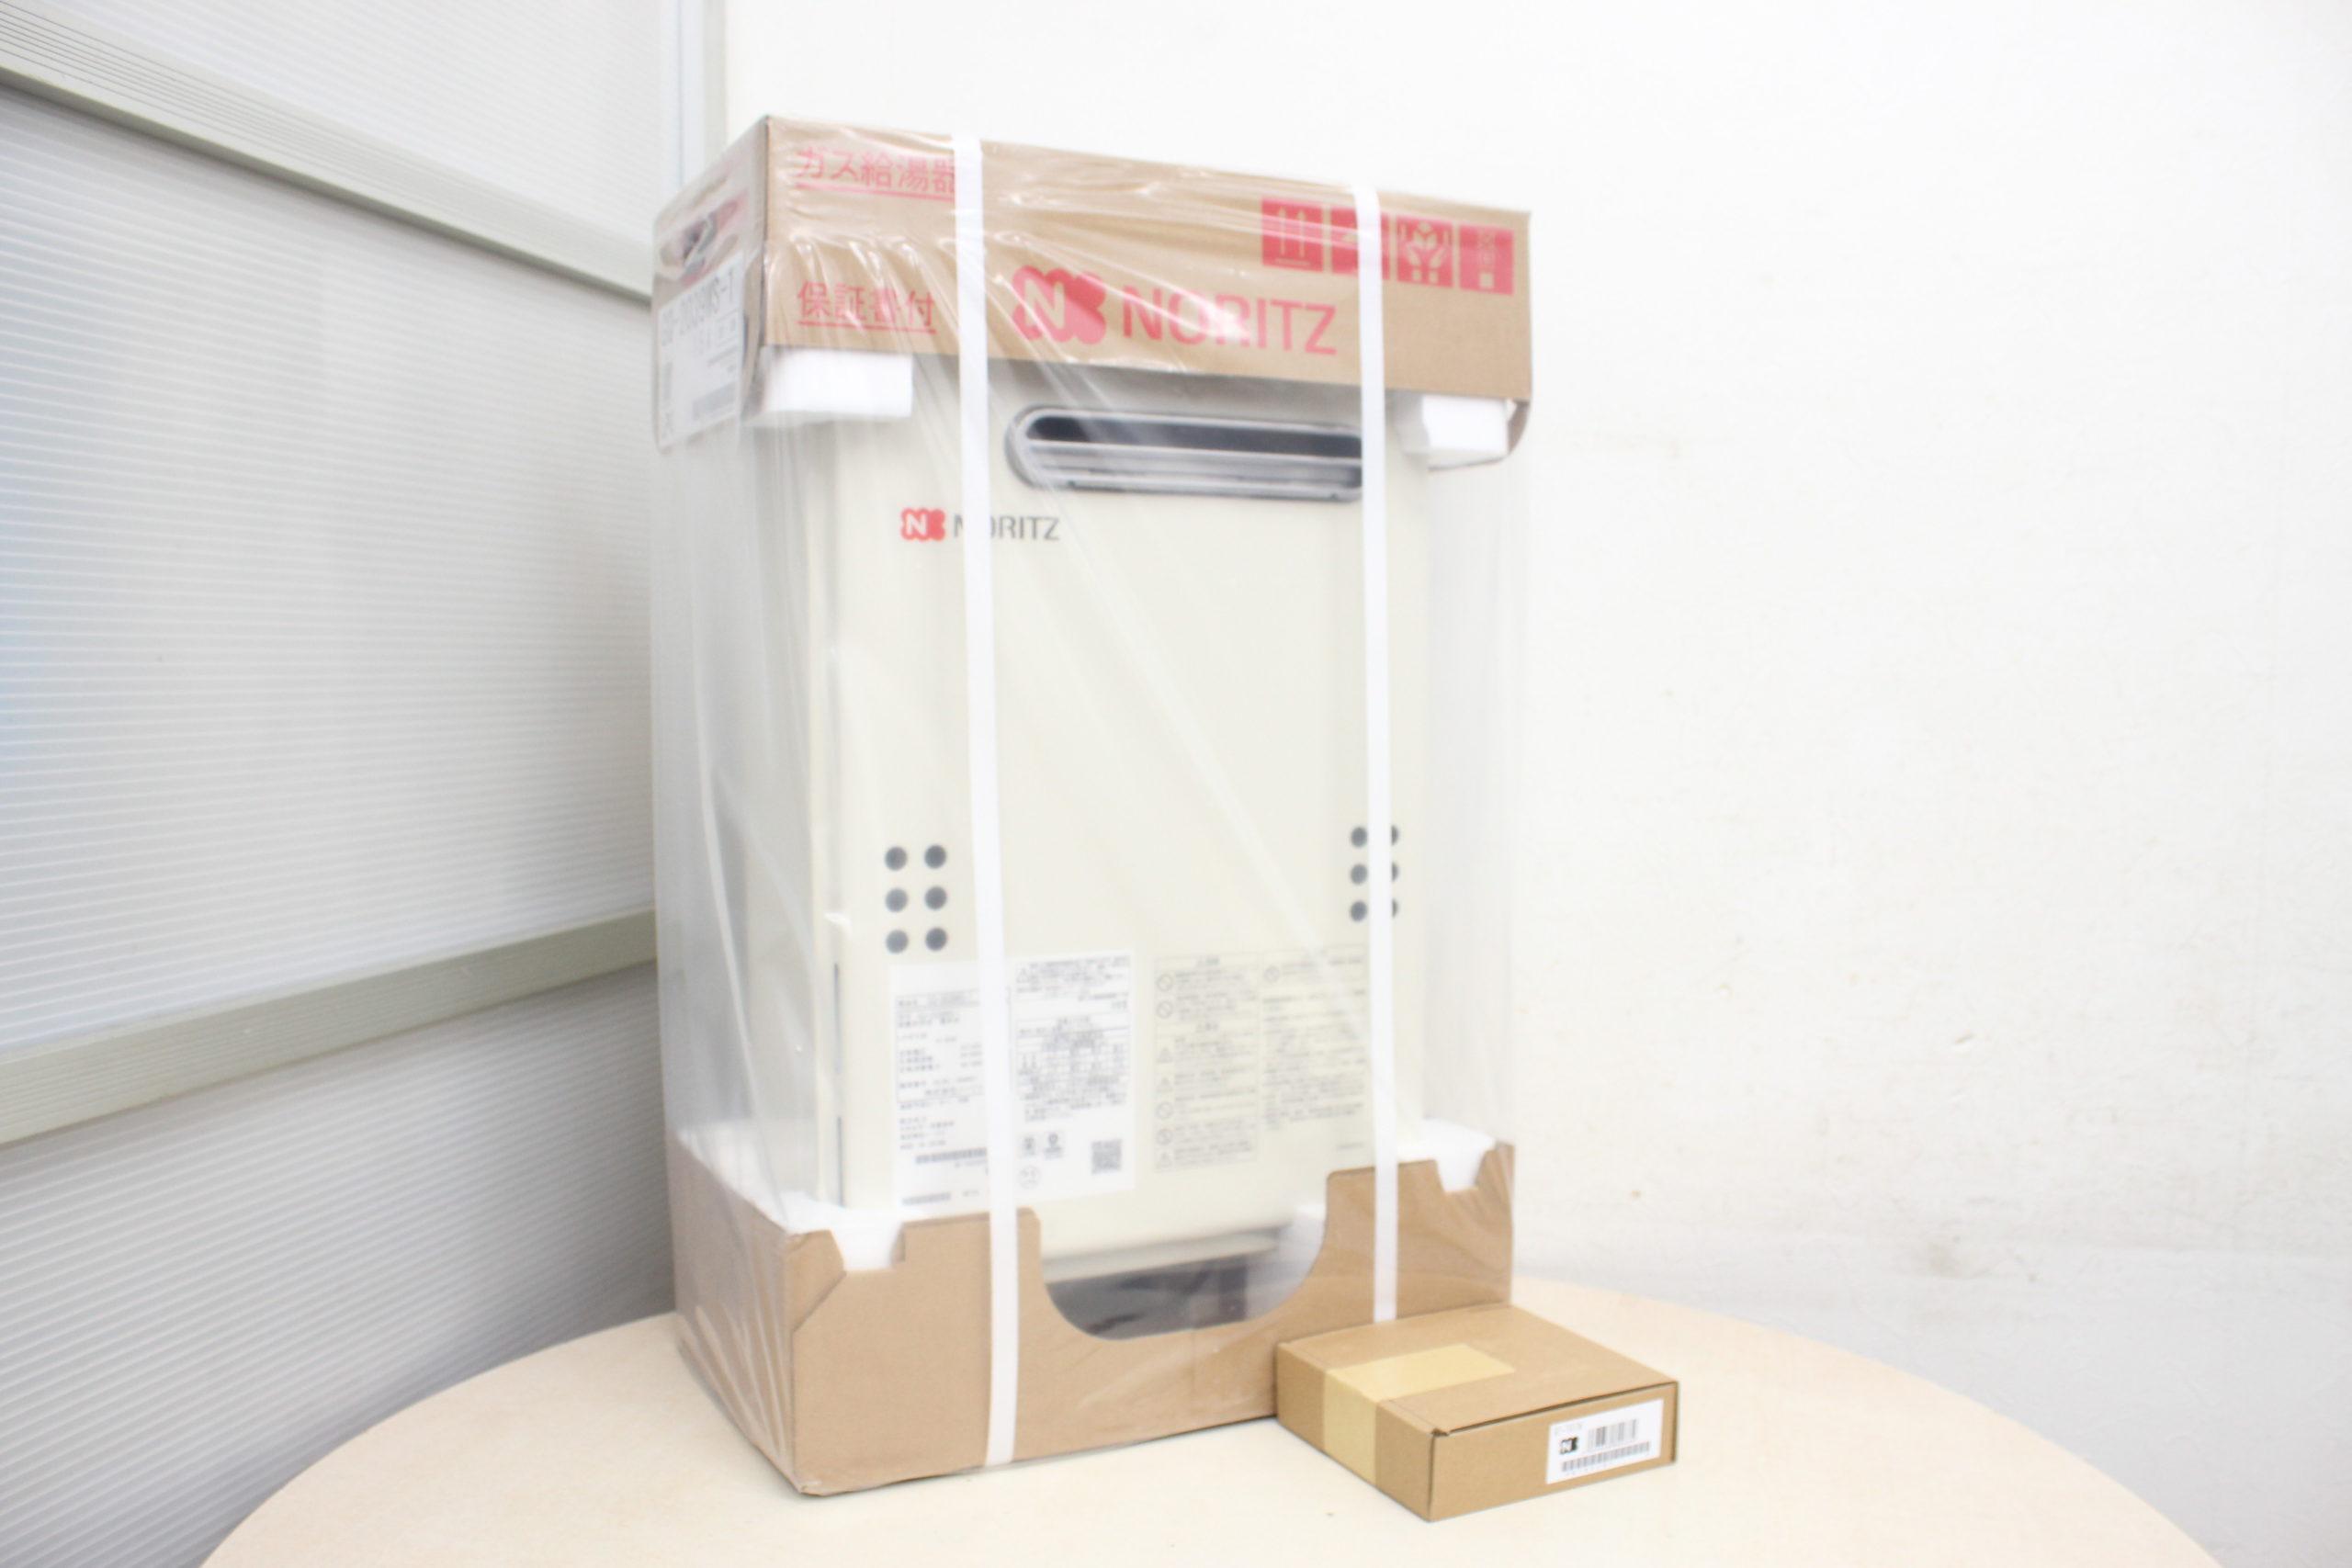 (福岡市南区) 新品 NORITZ/ノーリツ 給湯器 2020年製 GQ-2039WS-1 LPガス用 買取致しました♪の買取-